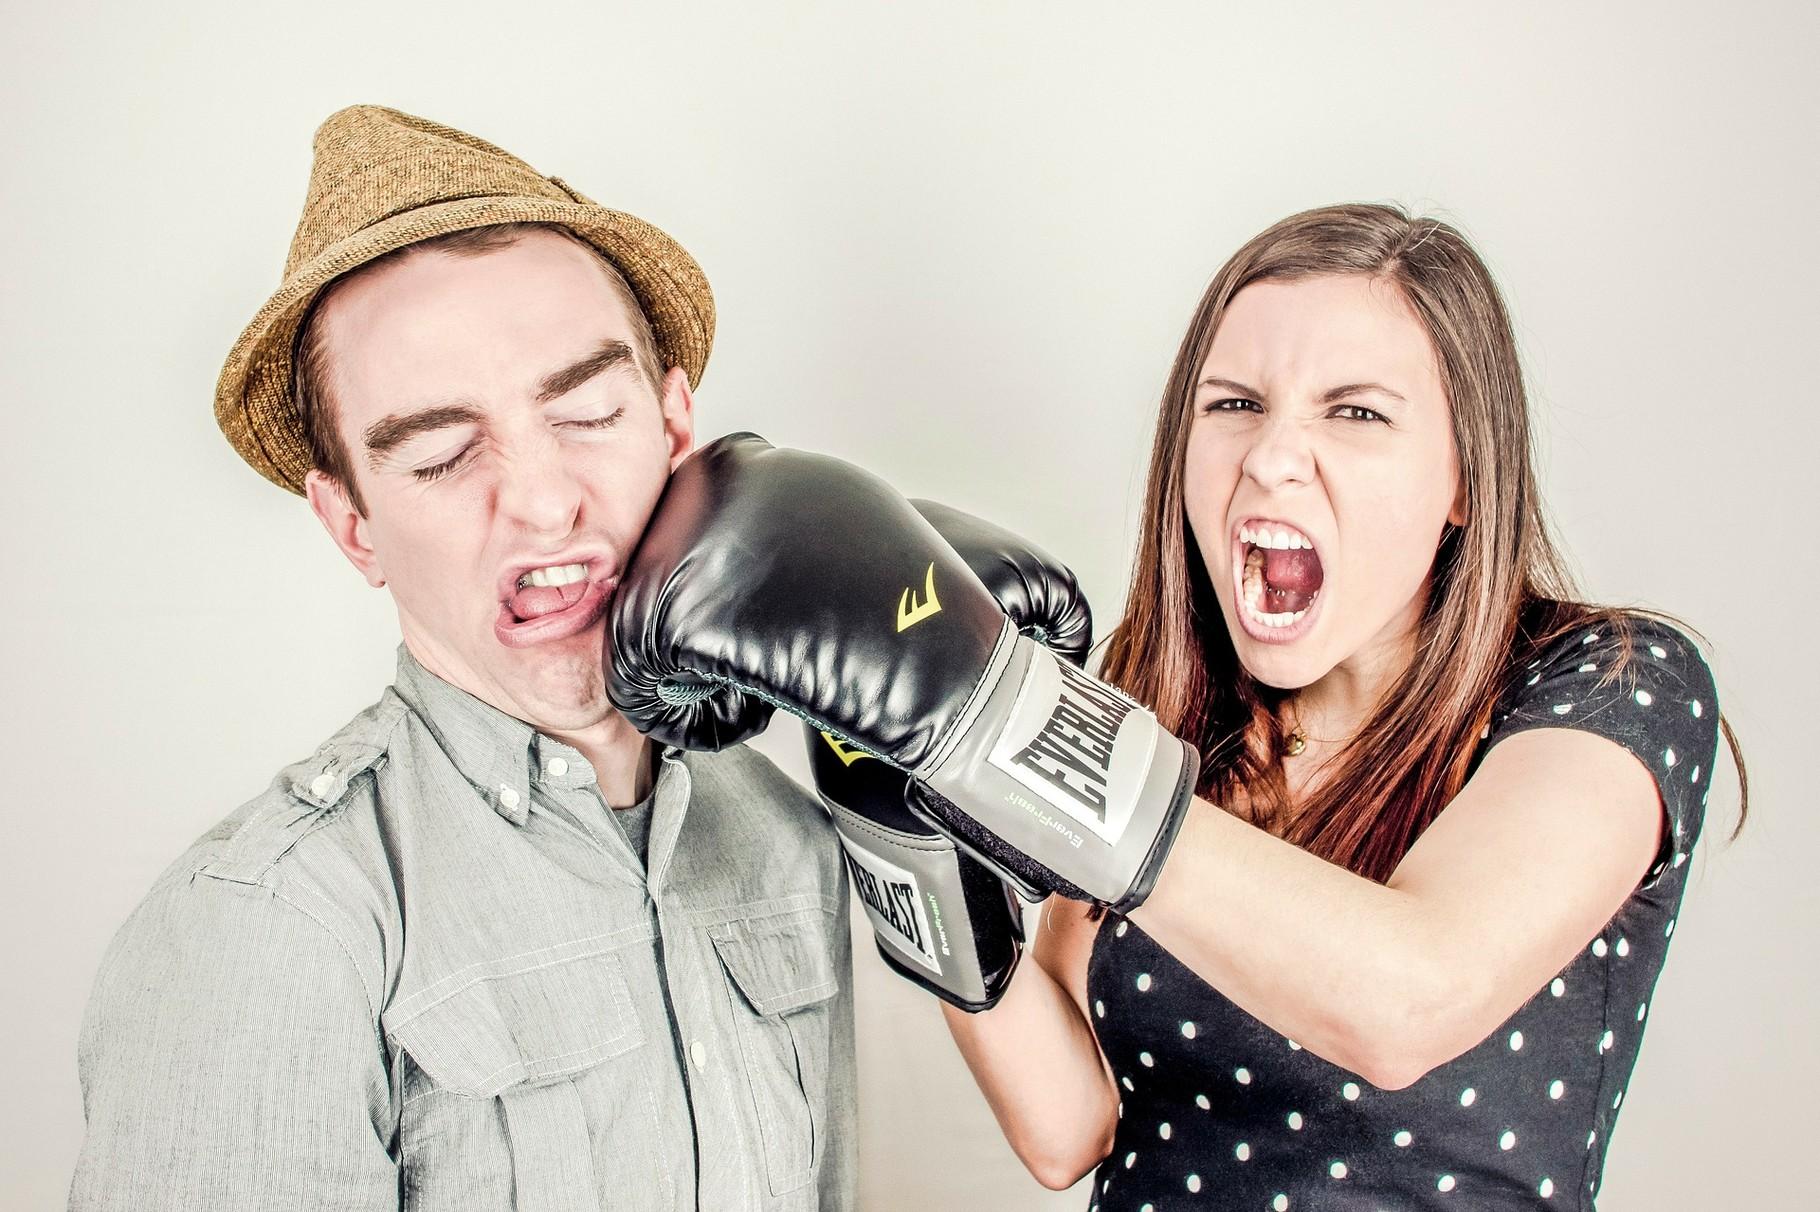 5. Schlechte Kommunikation. Bewusst ist uns dieser Zeitfresser eher selten. Aber auch eine schlechte Kommunikation mit anderen kann nicht nur zu Streit führen, sondern auch viel Zeit kosten.